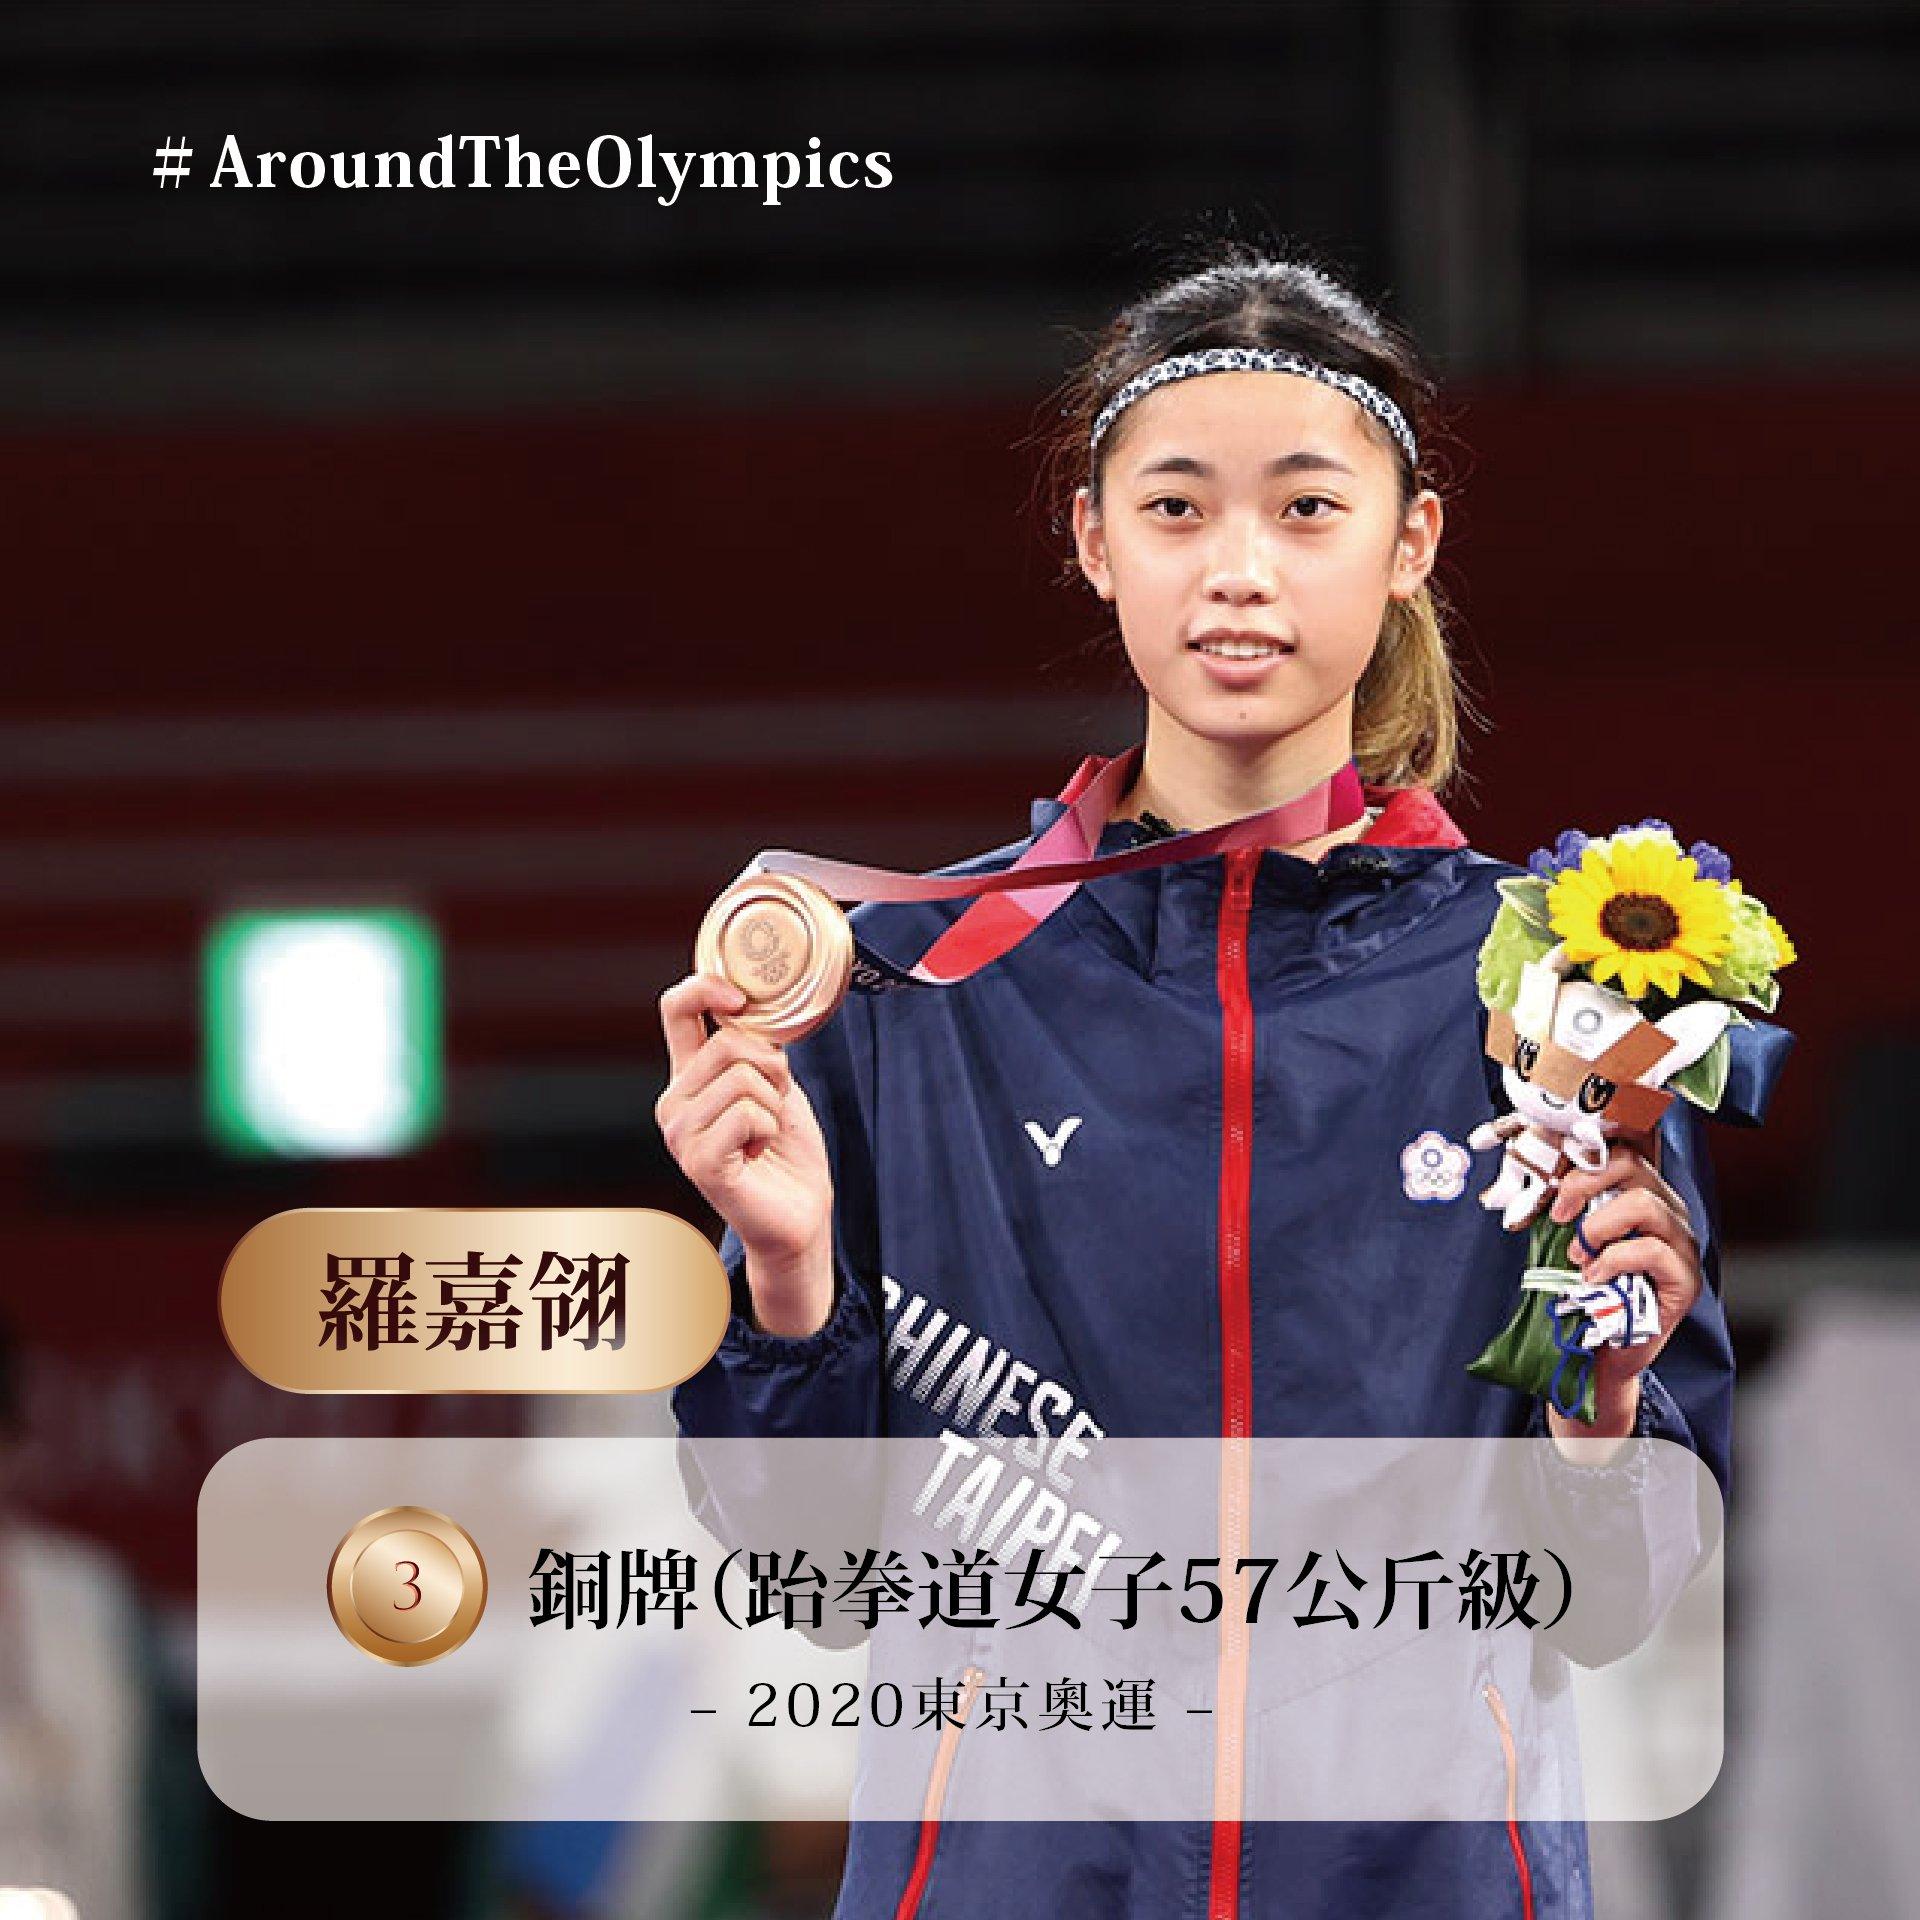 在國際舞台上嶄露頭角的群星|台灣歷屆奧運得獎選手II